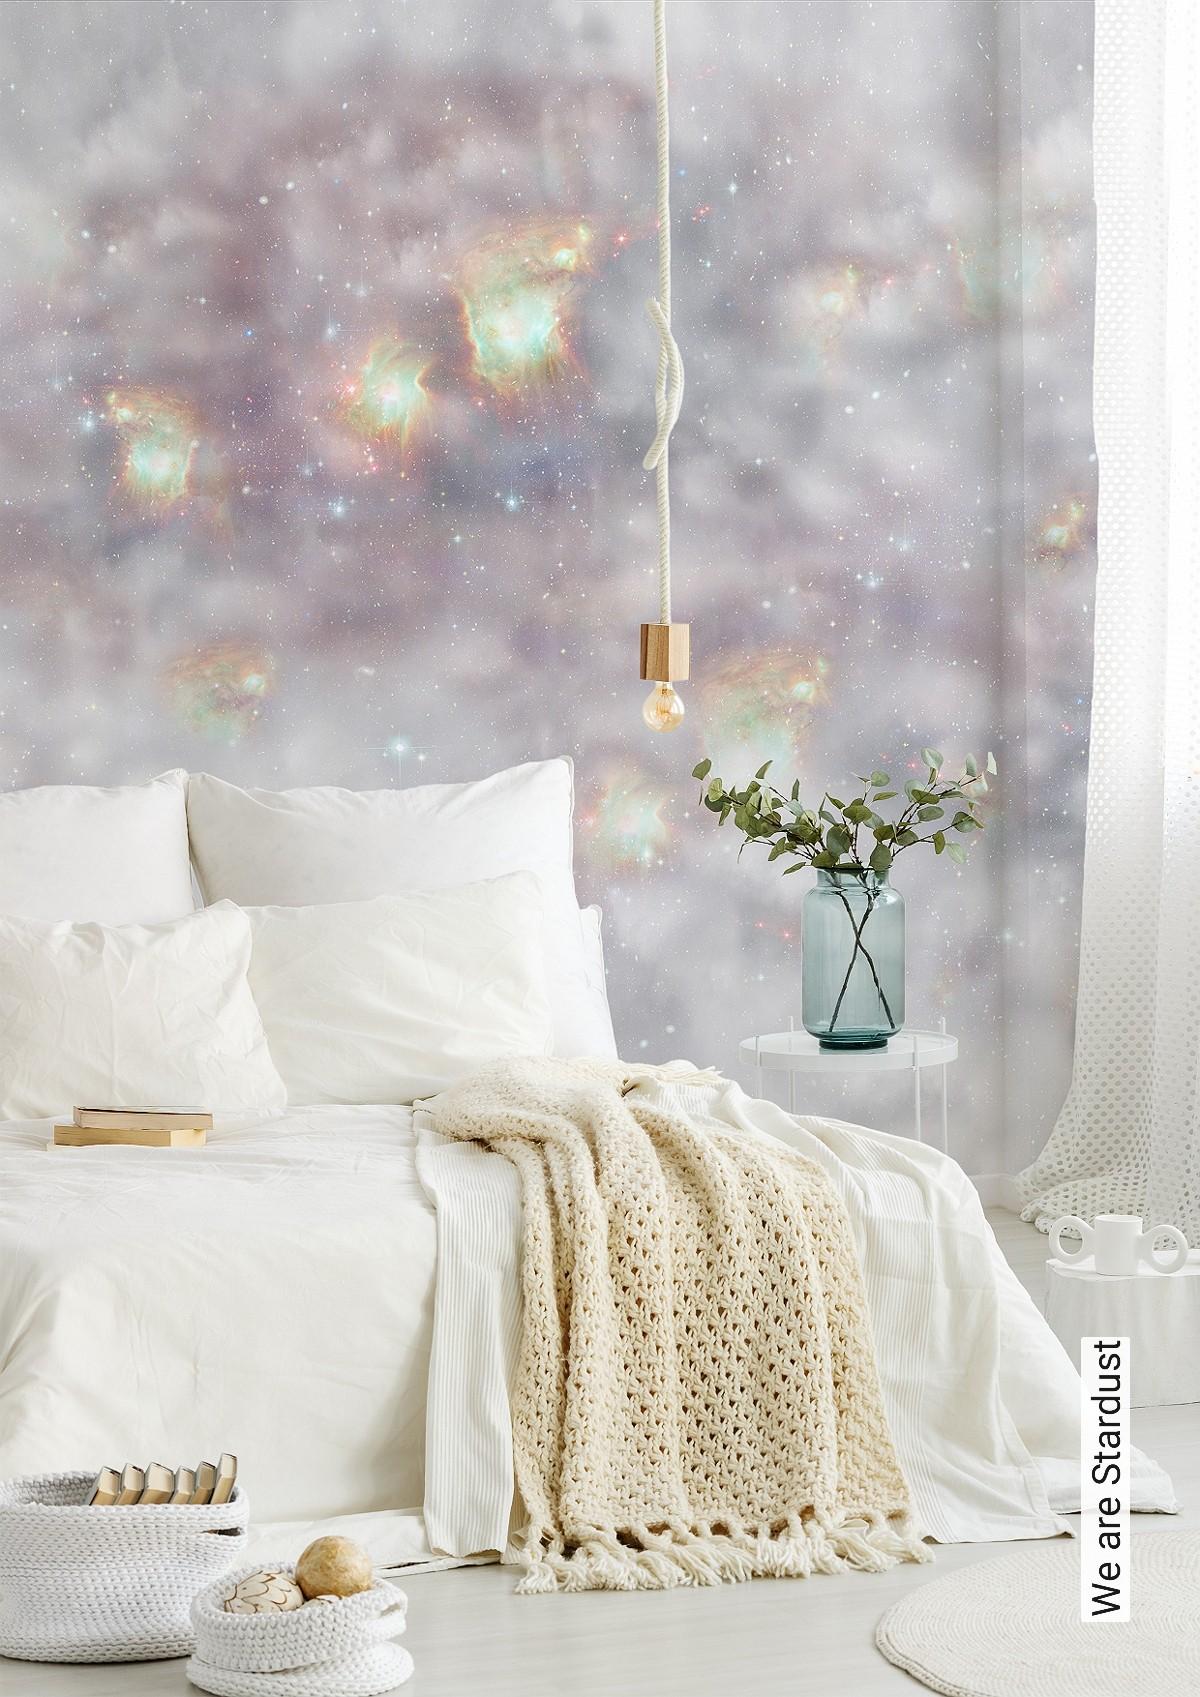 Full Size of Schlafzimmer Tapeten 2020 Tapete We Are Stardust Elli Popp Tapetenagenturde Wandtattoos Set Mit Matratze Und Lattenrost Komplett Rauch Wandlampe Wohnzimmer Schlafzimmer Tapeten 2020